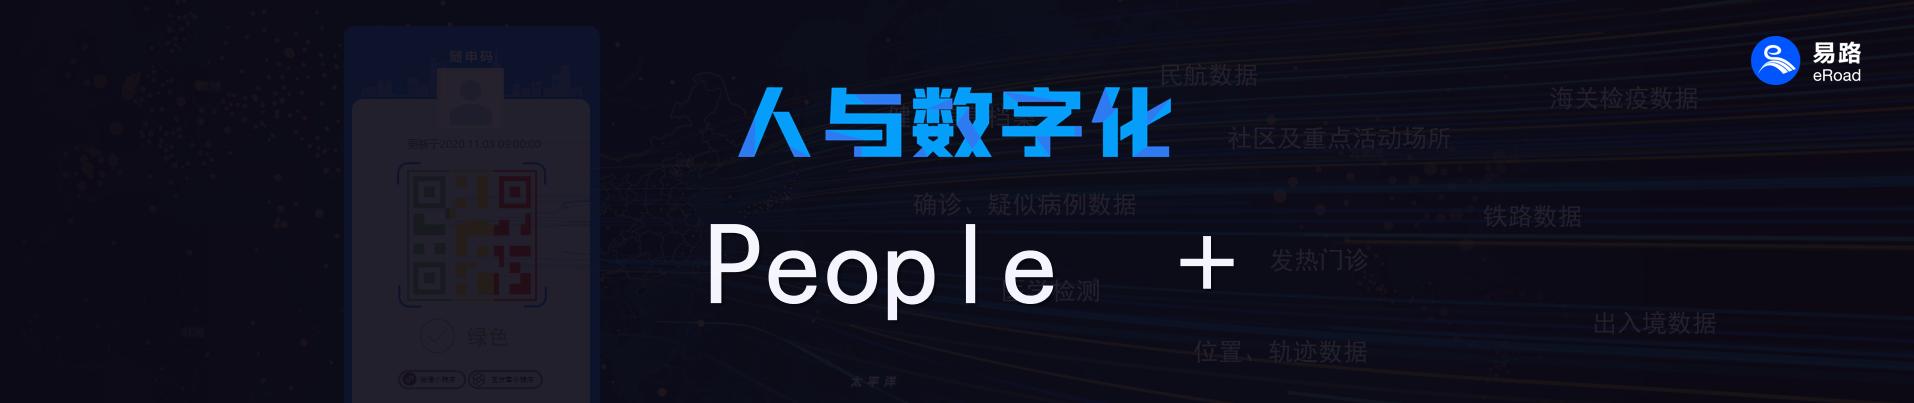 人与数字化.jpg